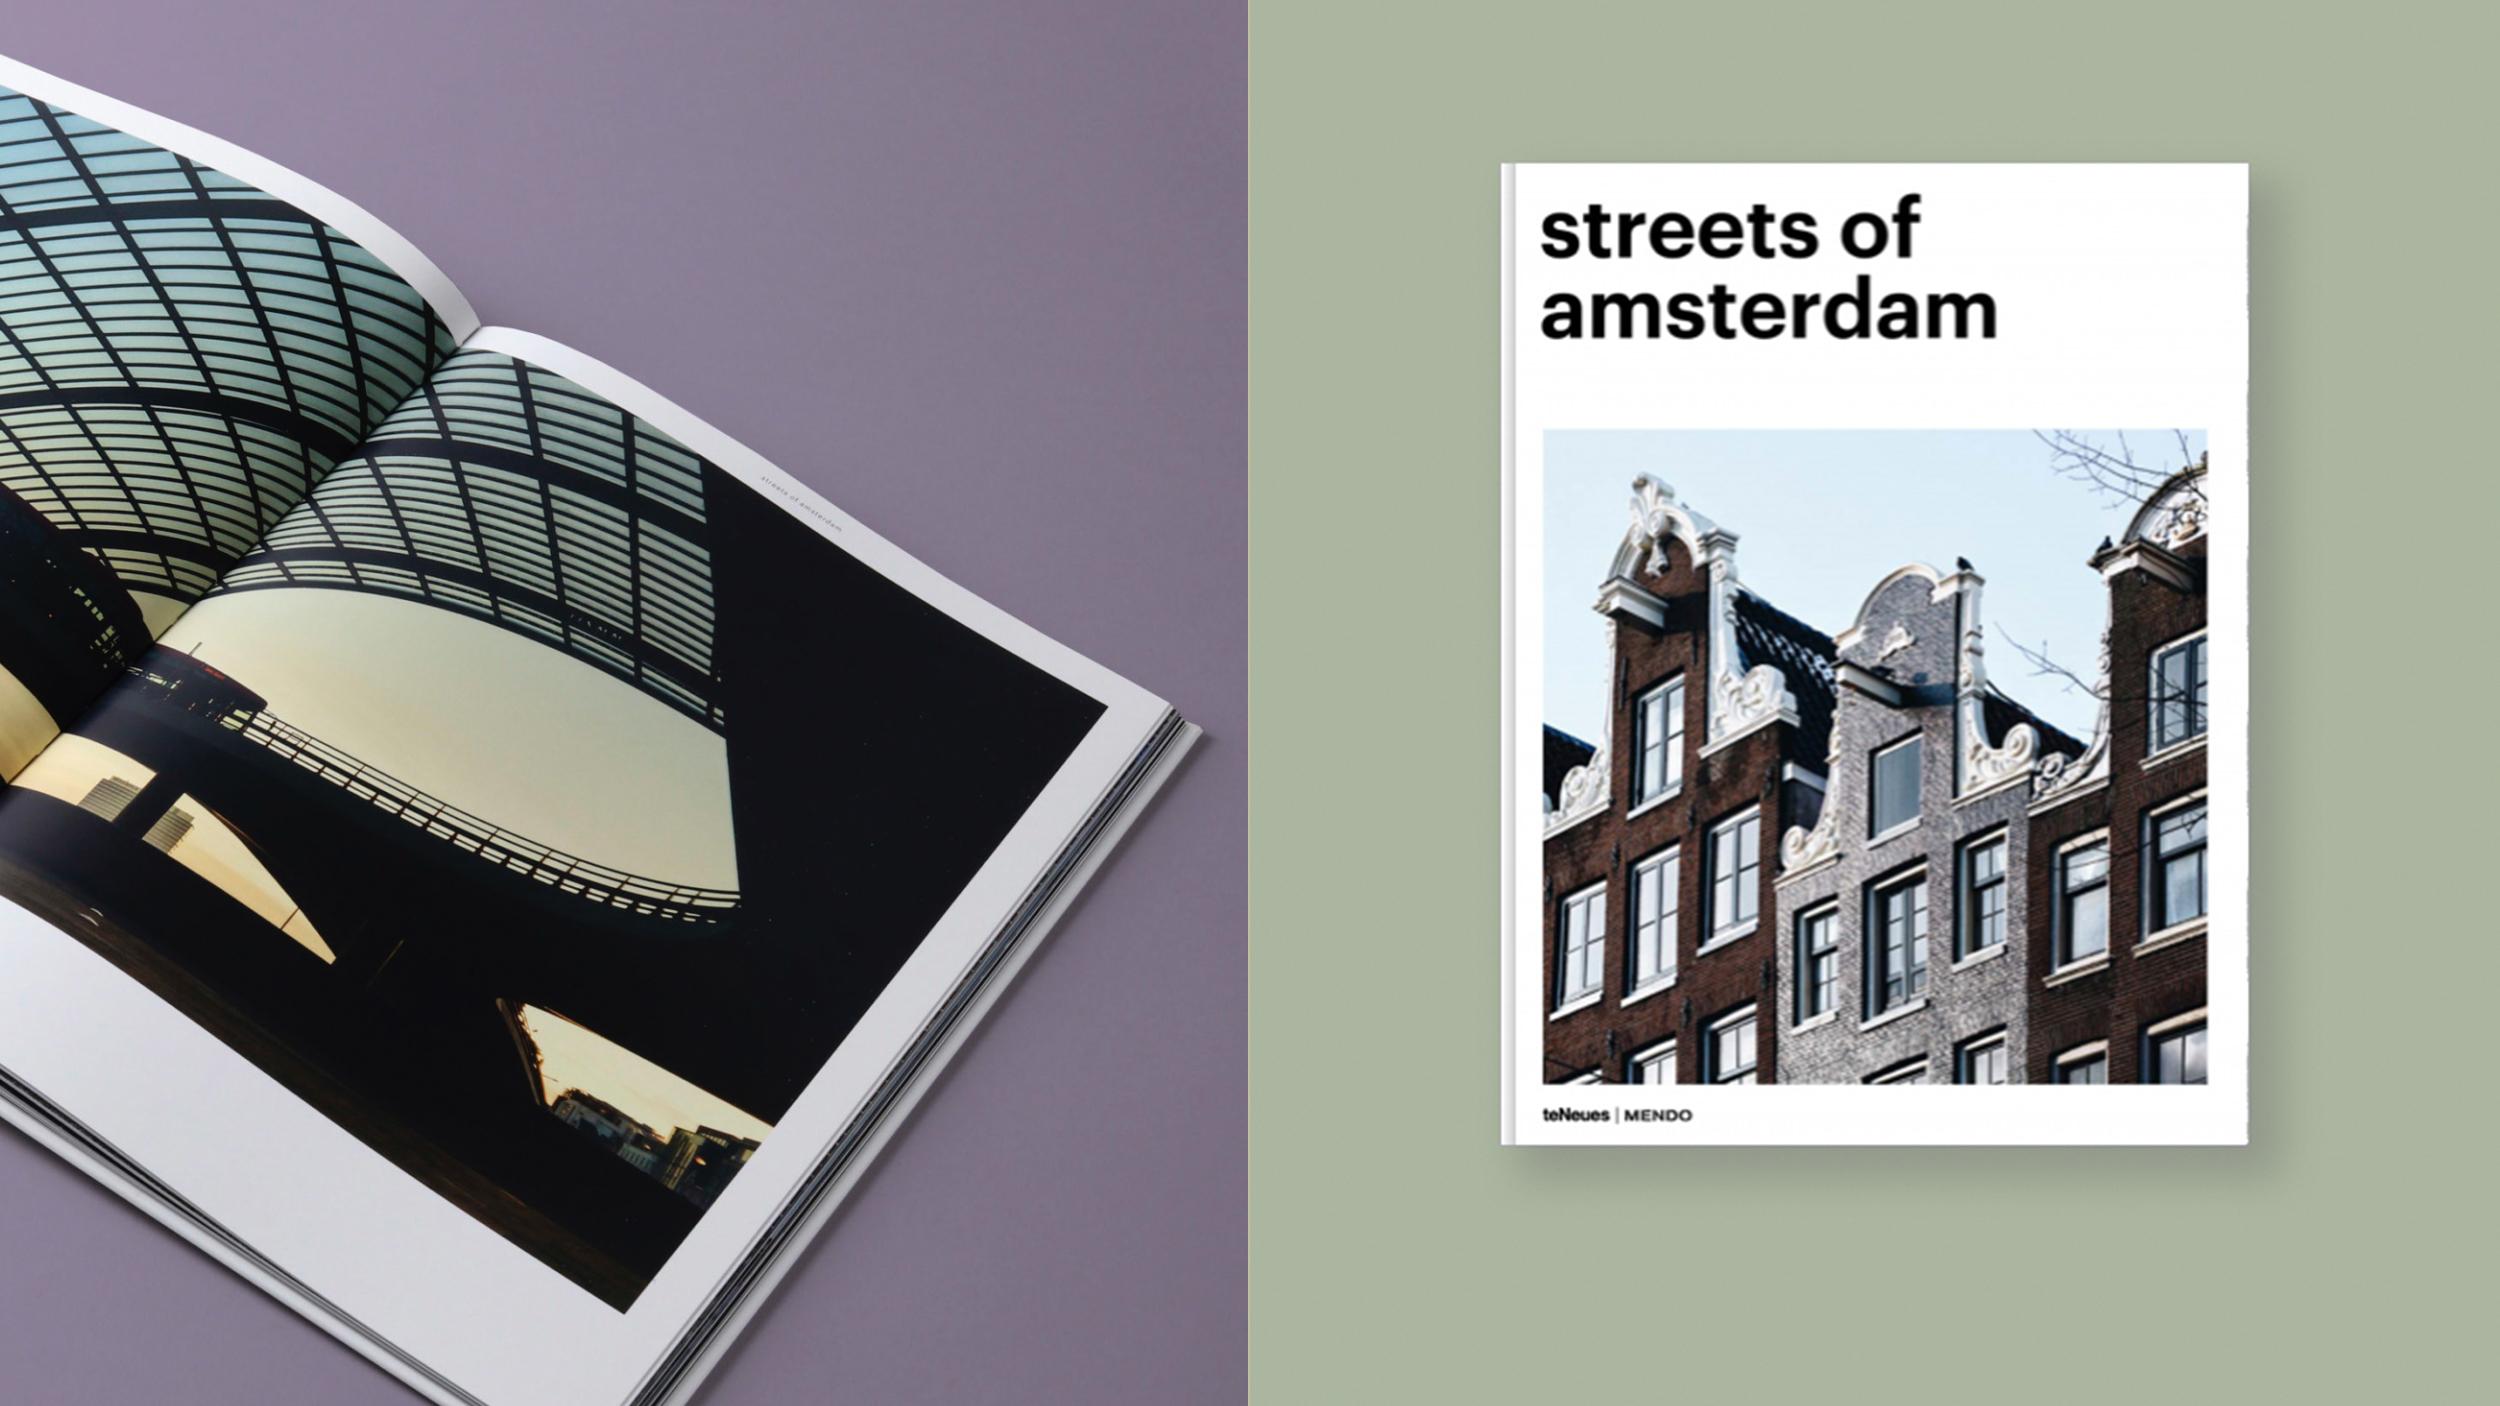 MENDO_StijnHoekstra_Amsterdam.jpg